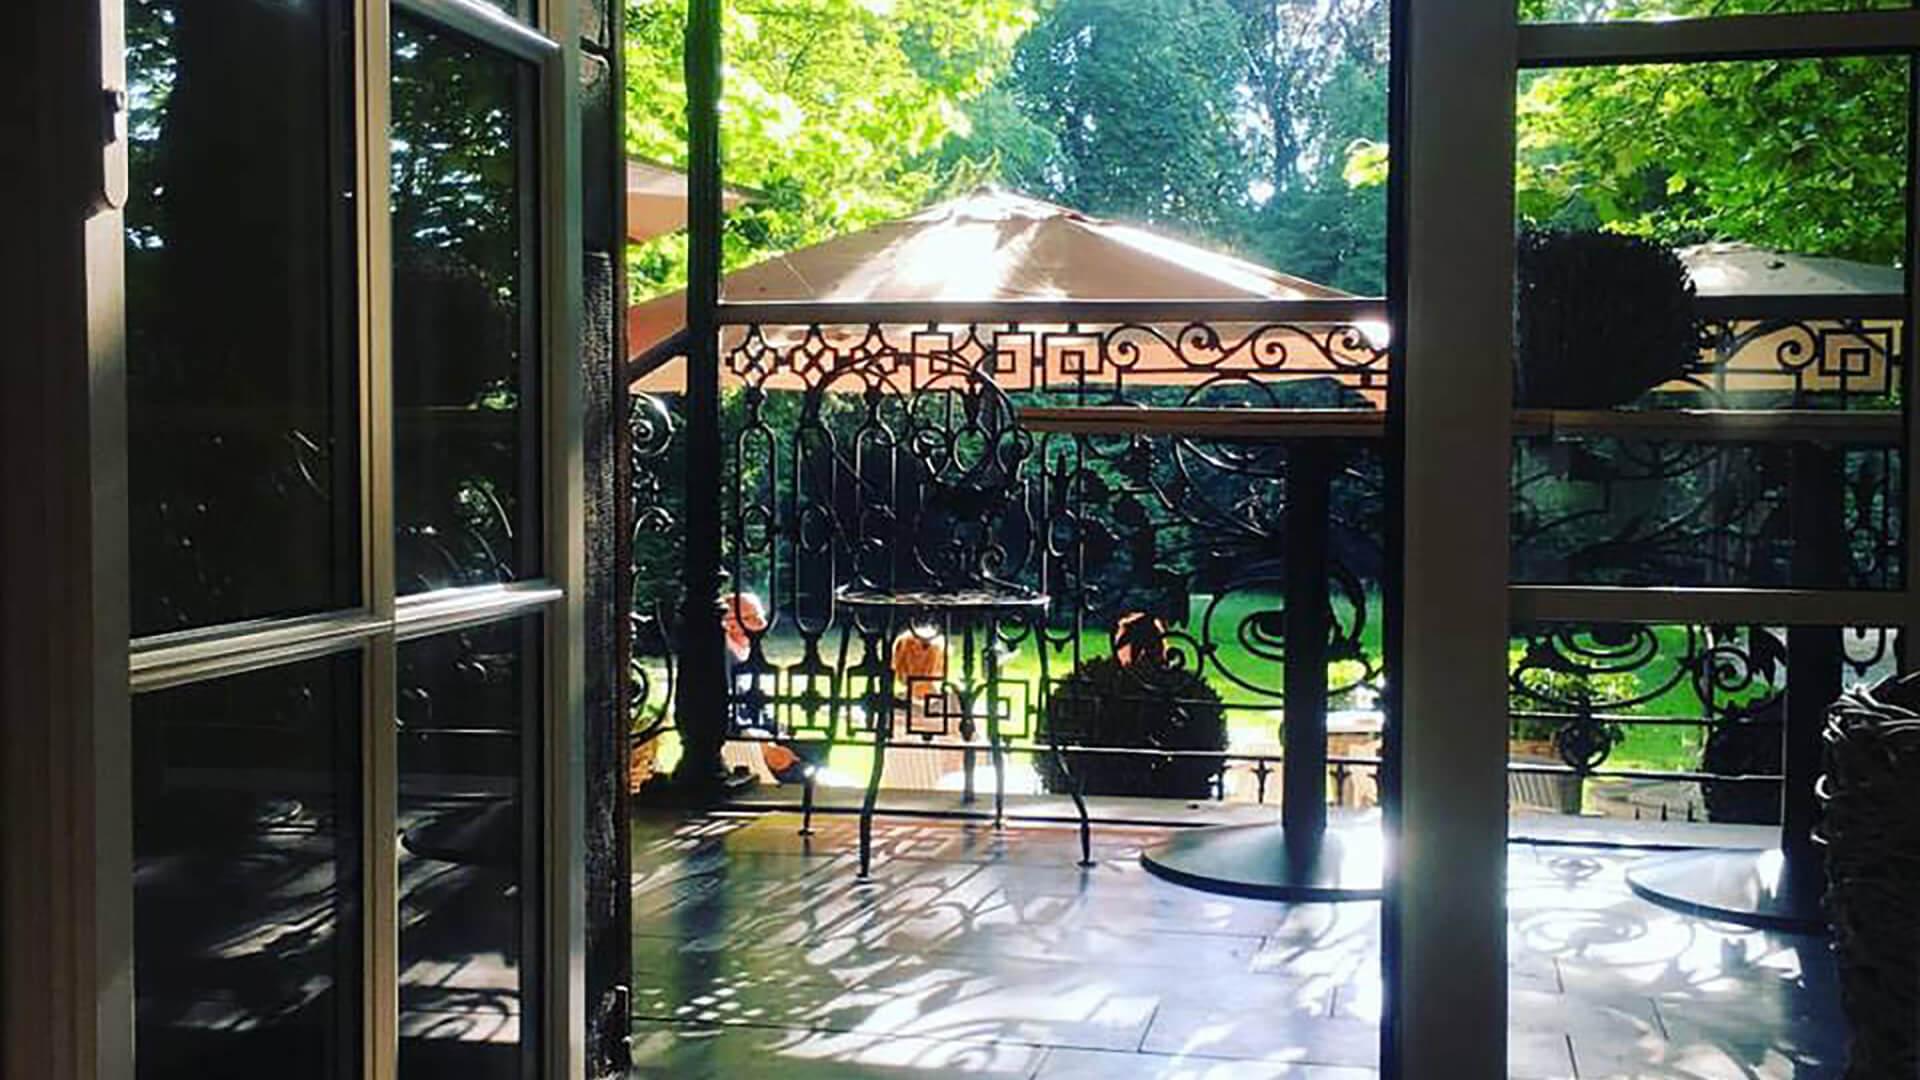 https://www.hostellerielesco.com/wp-content/uploads/2021/04/Lesco-restaurant-depo-wetteren-mechelen-terras.jpg